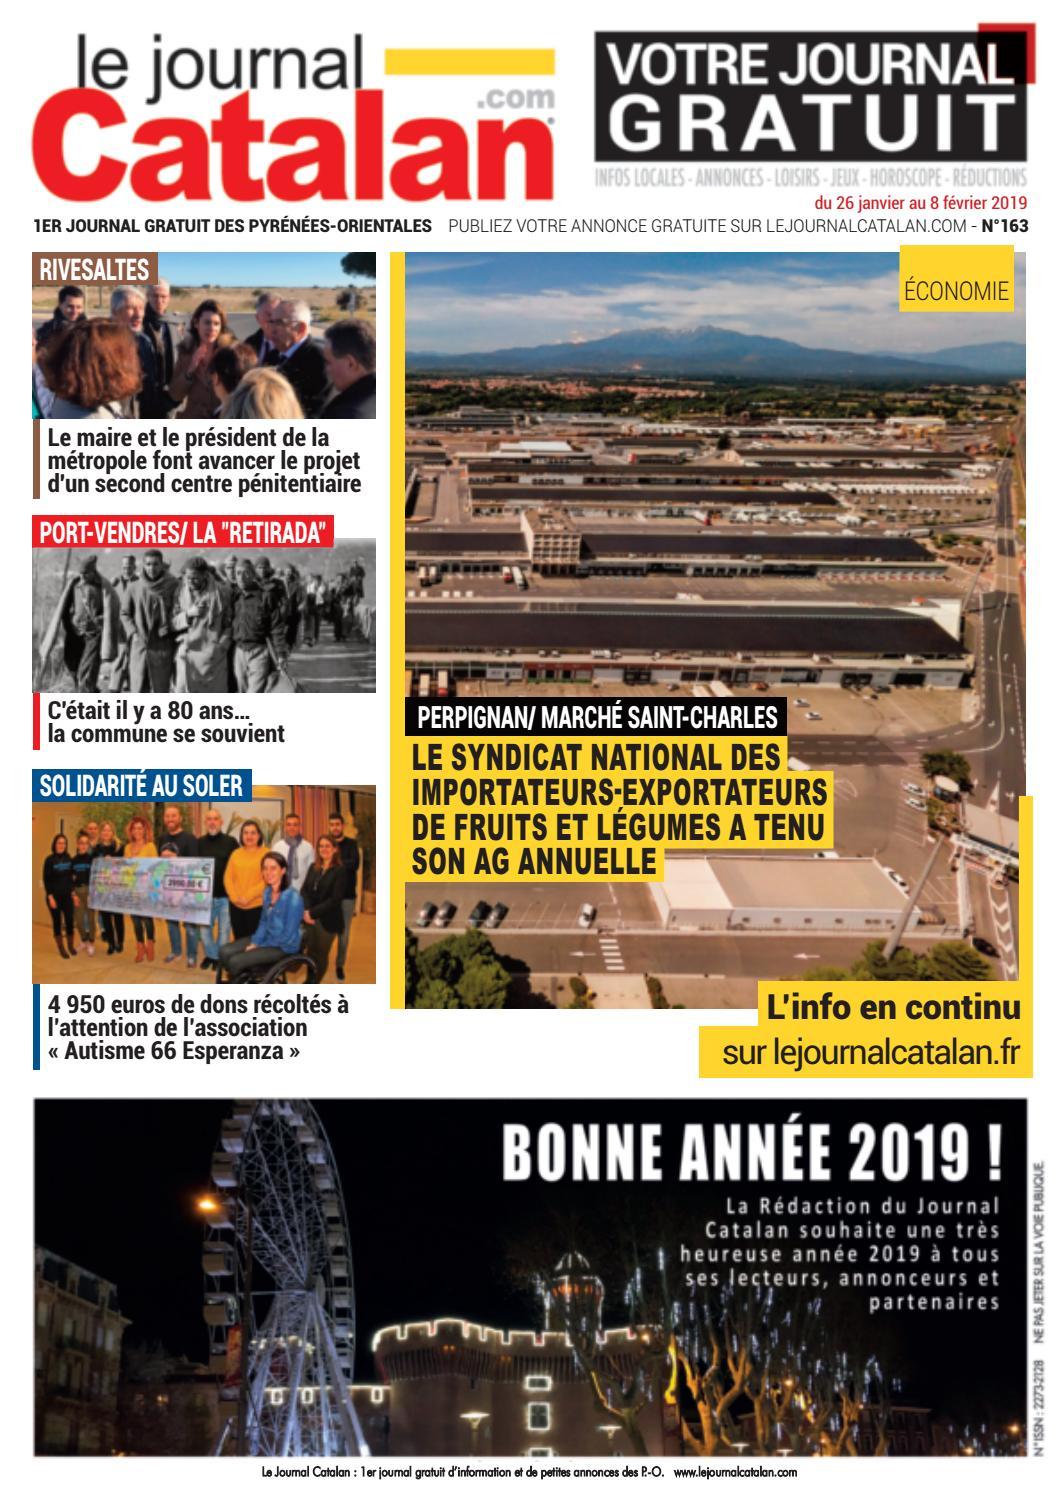 Le Journal Catalan N°163 1er magazine des Pyrénées